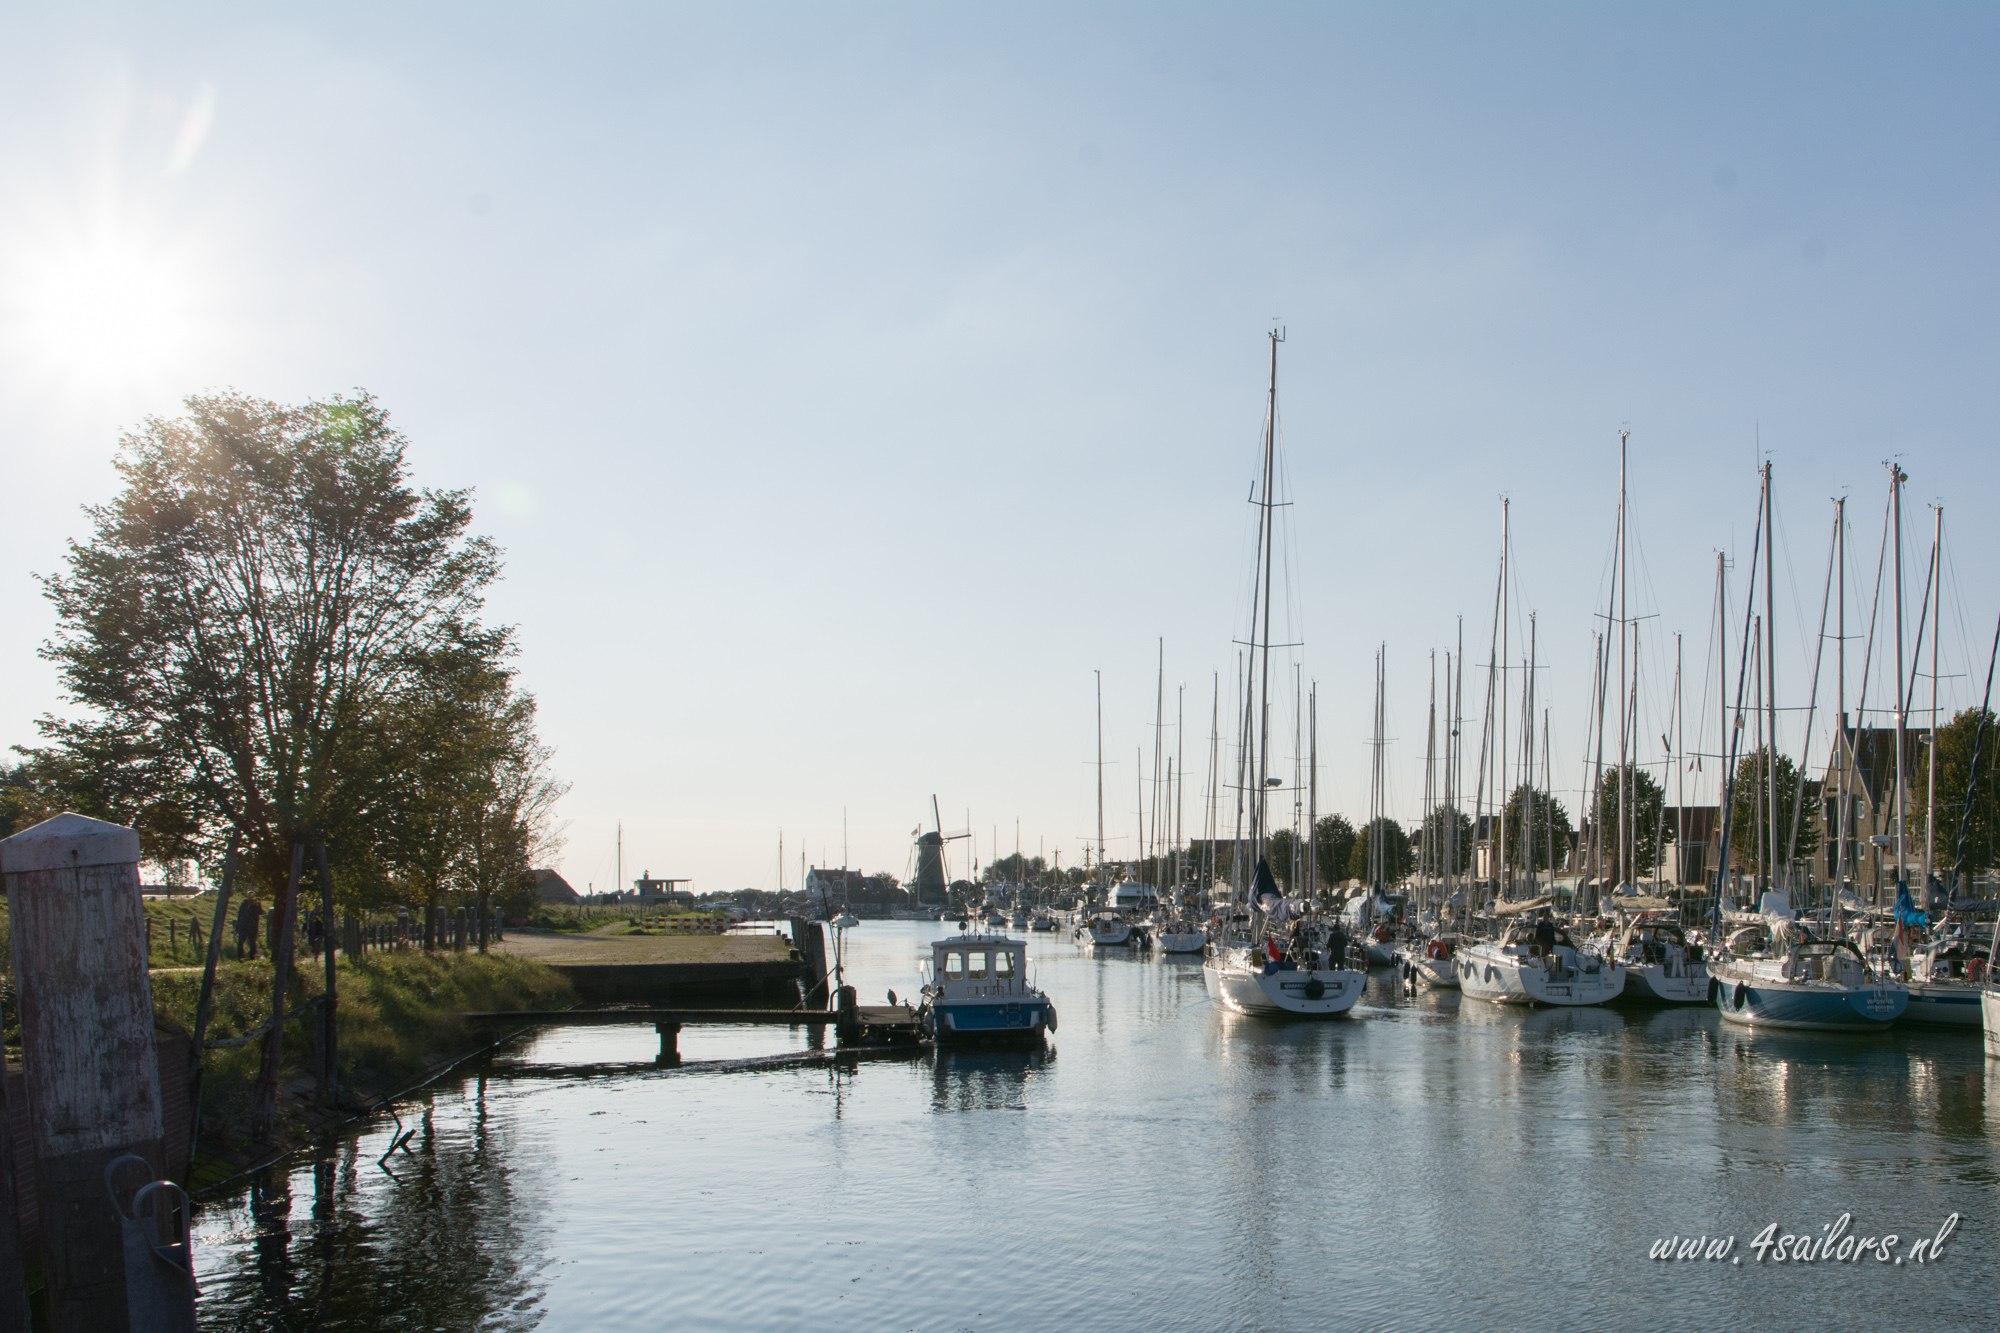 Jachthaven Zierikzee